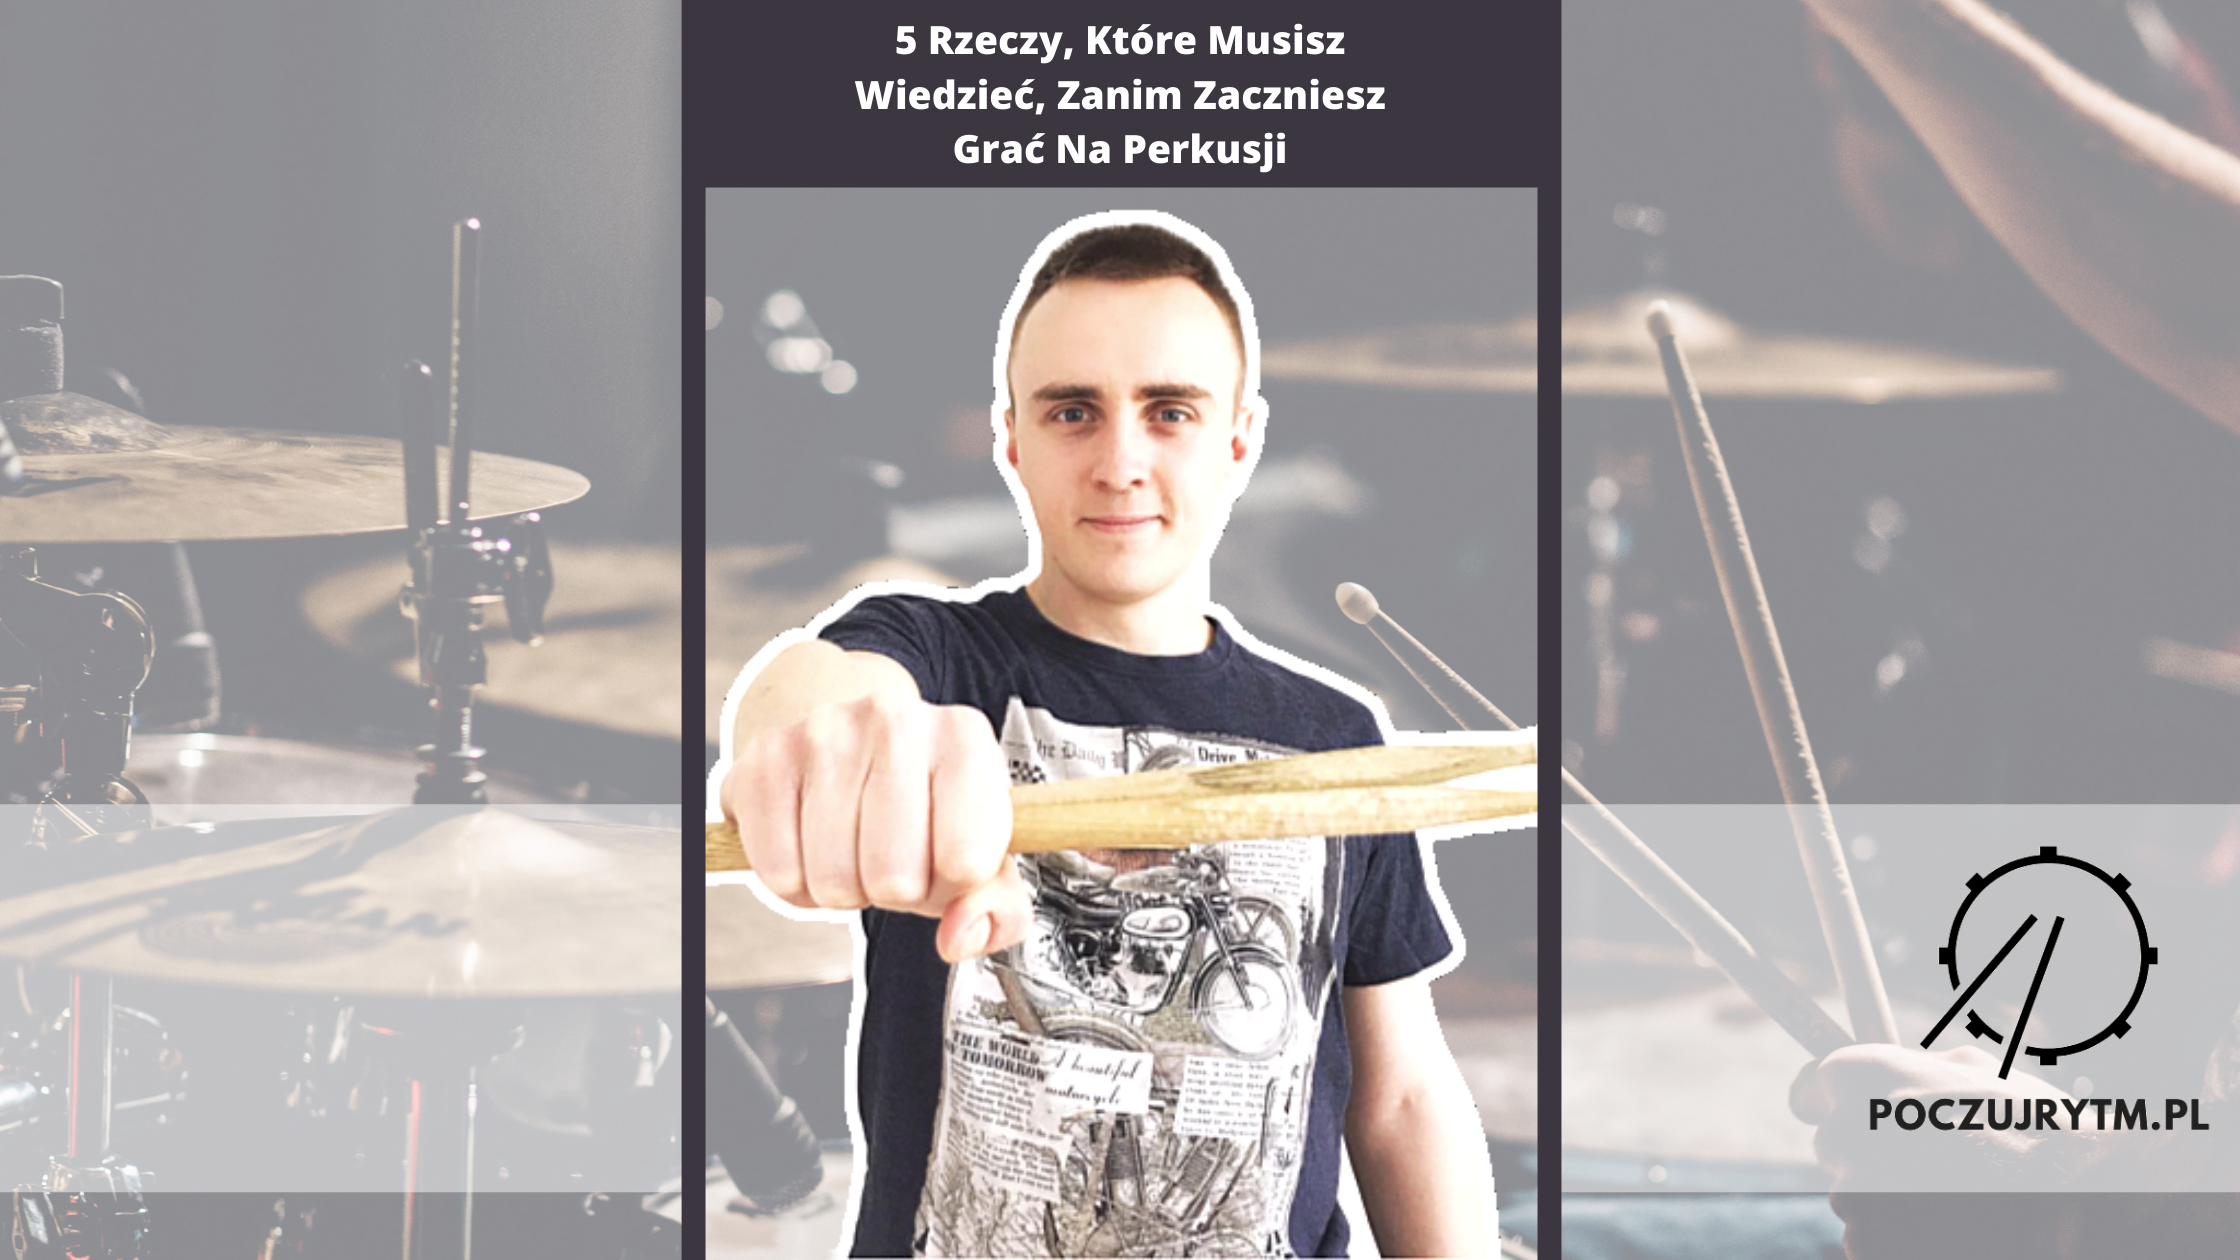 5 Rzeczy, Które Musisz Wiedzieć, Jeśli Chcesz Zacząć Grać Na Perkusji